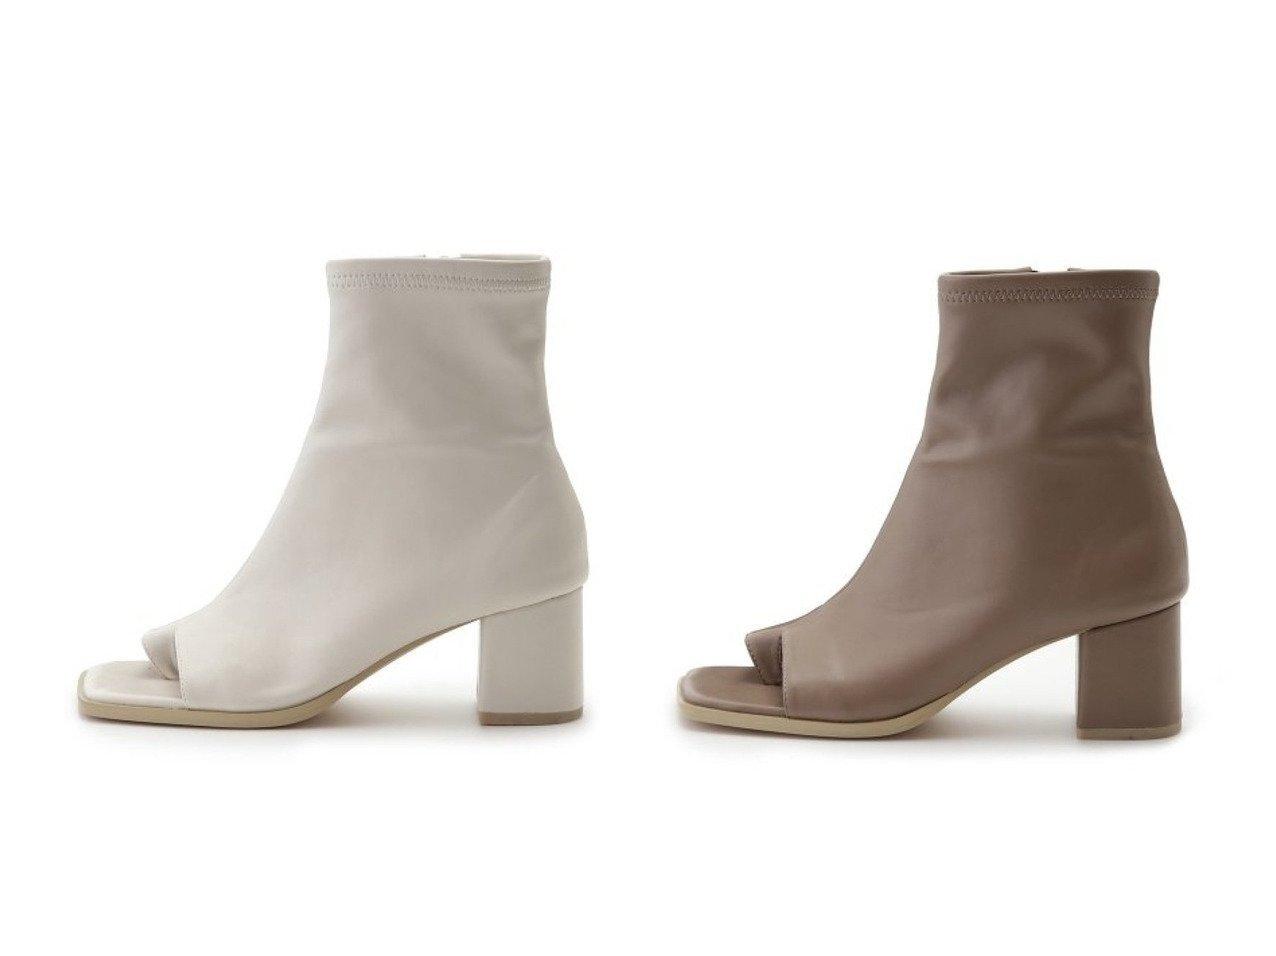 【FRAY I.D/フレイ アイディー】のオープントングブーツ 【シューズ・靴】おすすめ!人気、トレンド・レディースファッションの通販  おすすめで人気の流行・トレンド、ファッションの通販商品 メンズファッション・キッズファッション・インテリア・家具・レディースファッション・服の通販 founy(ファニー) https://founy.com/ ファッション Fashion レディースファッション WOMEN サンダル ジップ ストレッチ バランス |ID:crp329100000034634